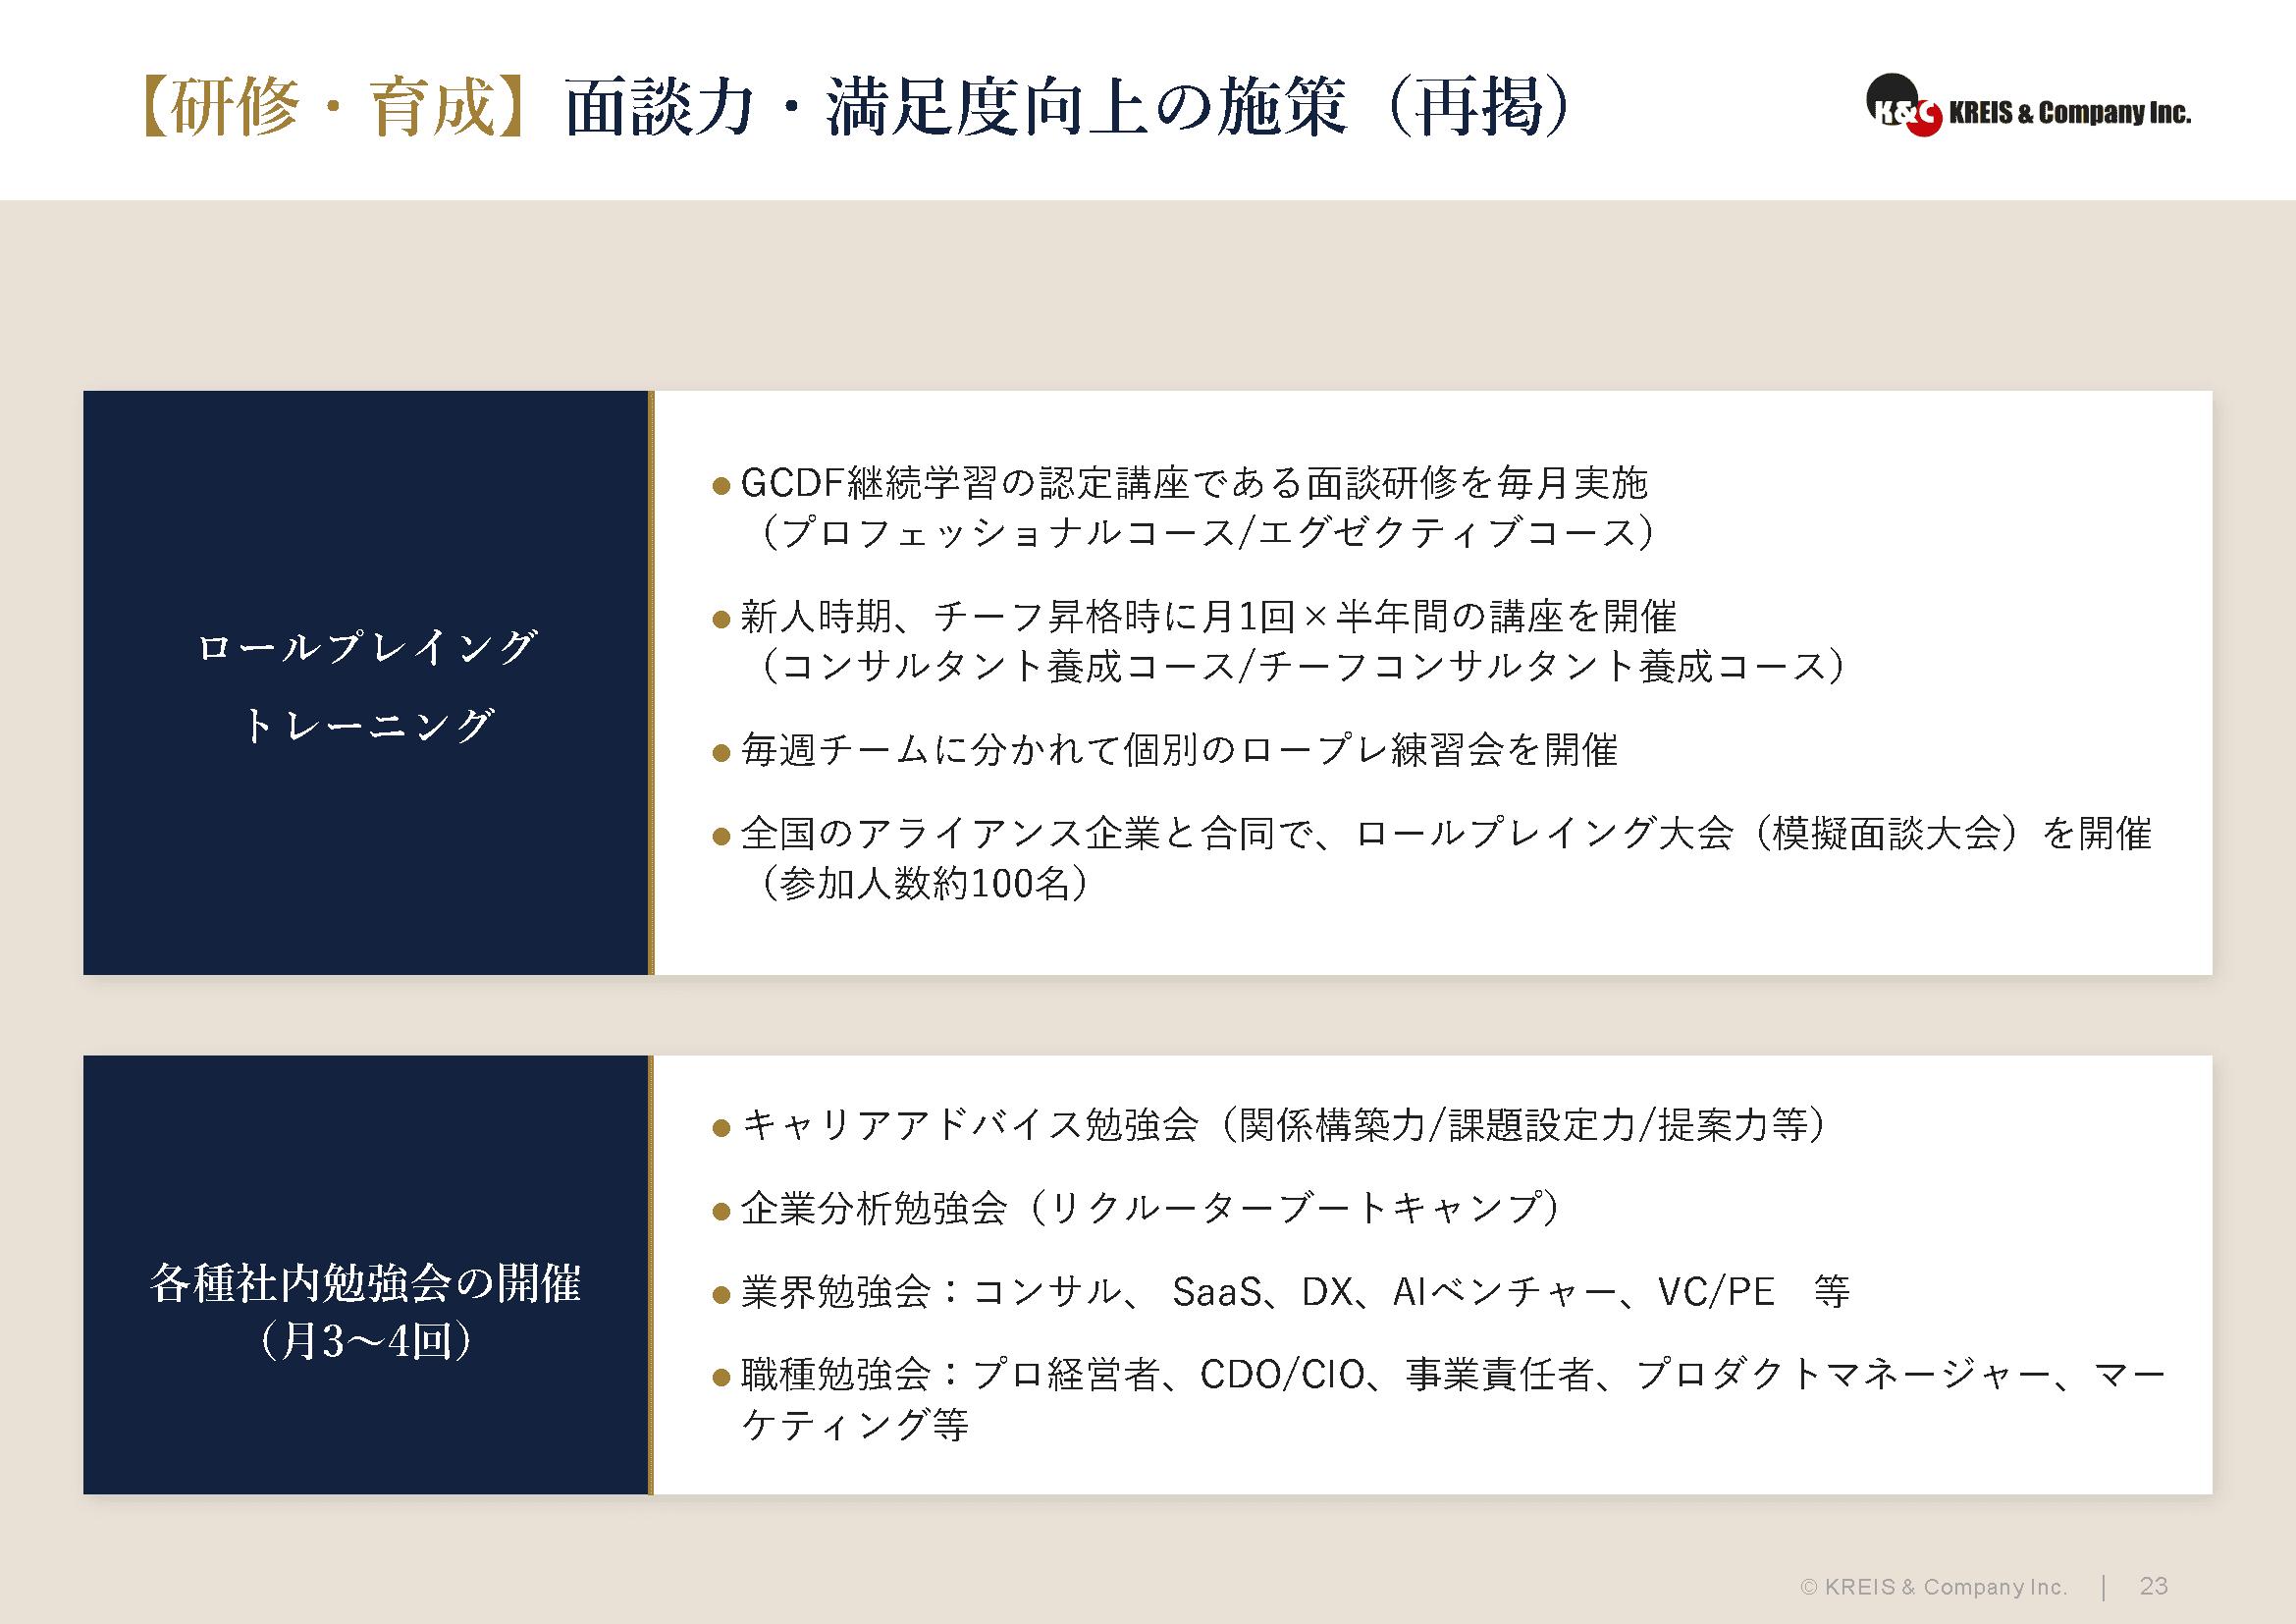 【研修・育成】面談力・満足度向上の施策(再掲)